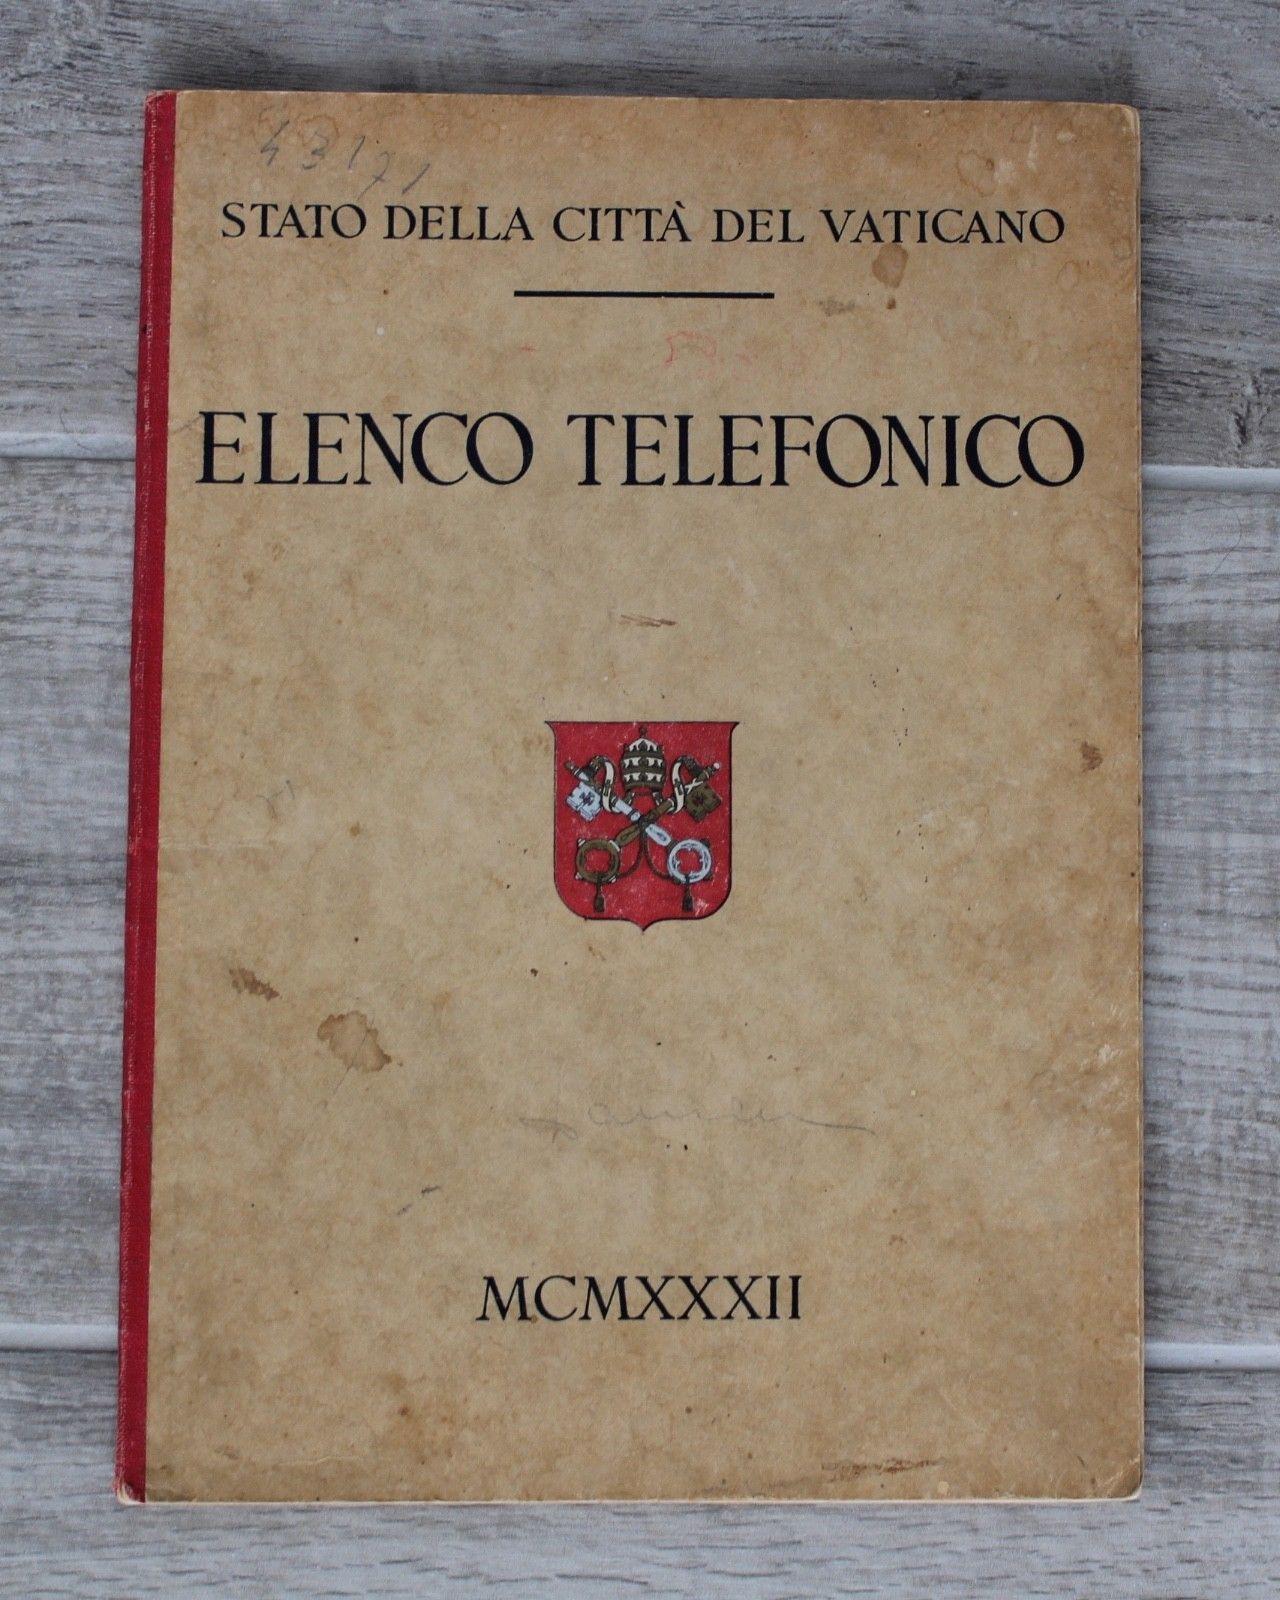 …su eBay c'è l'elenco telefonico per l'anno 1932 di Città del Vaticano